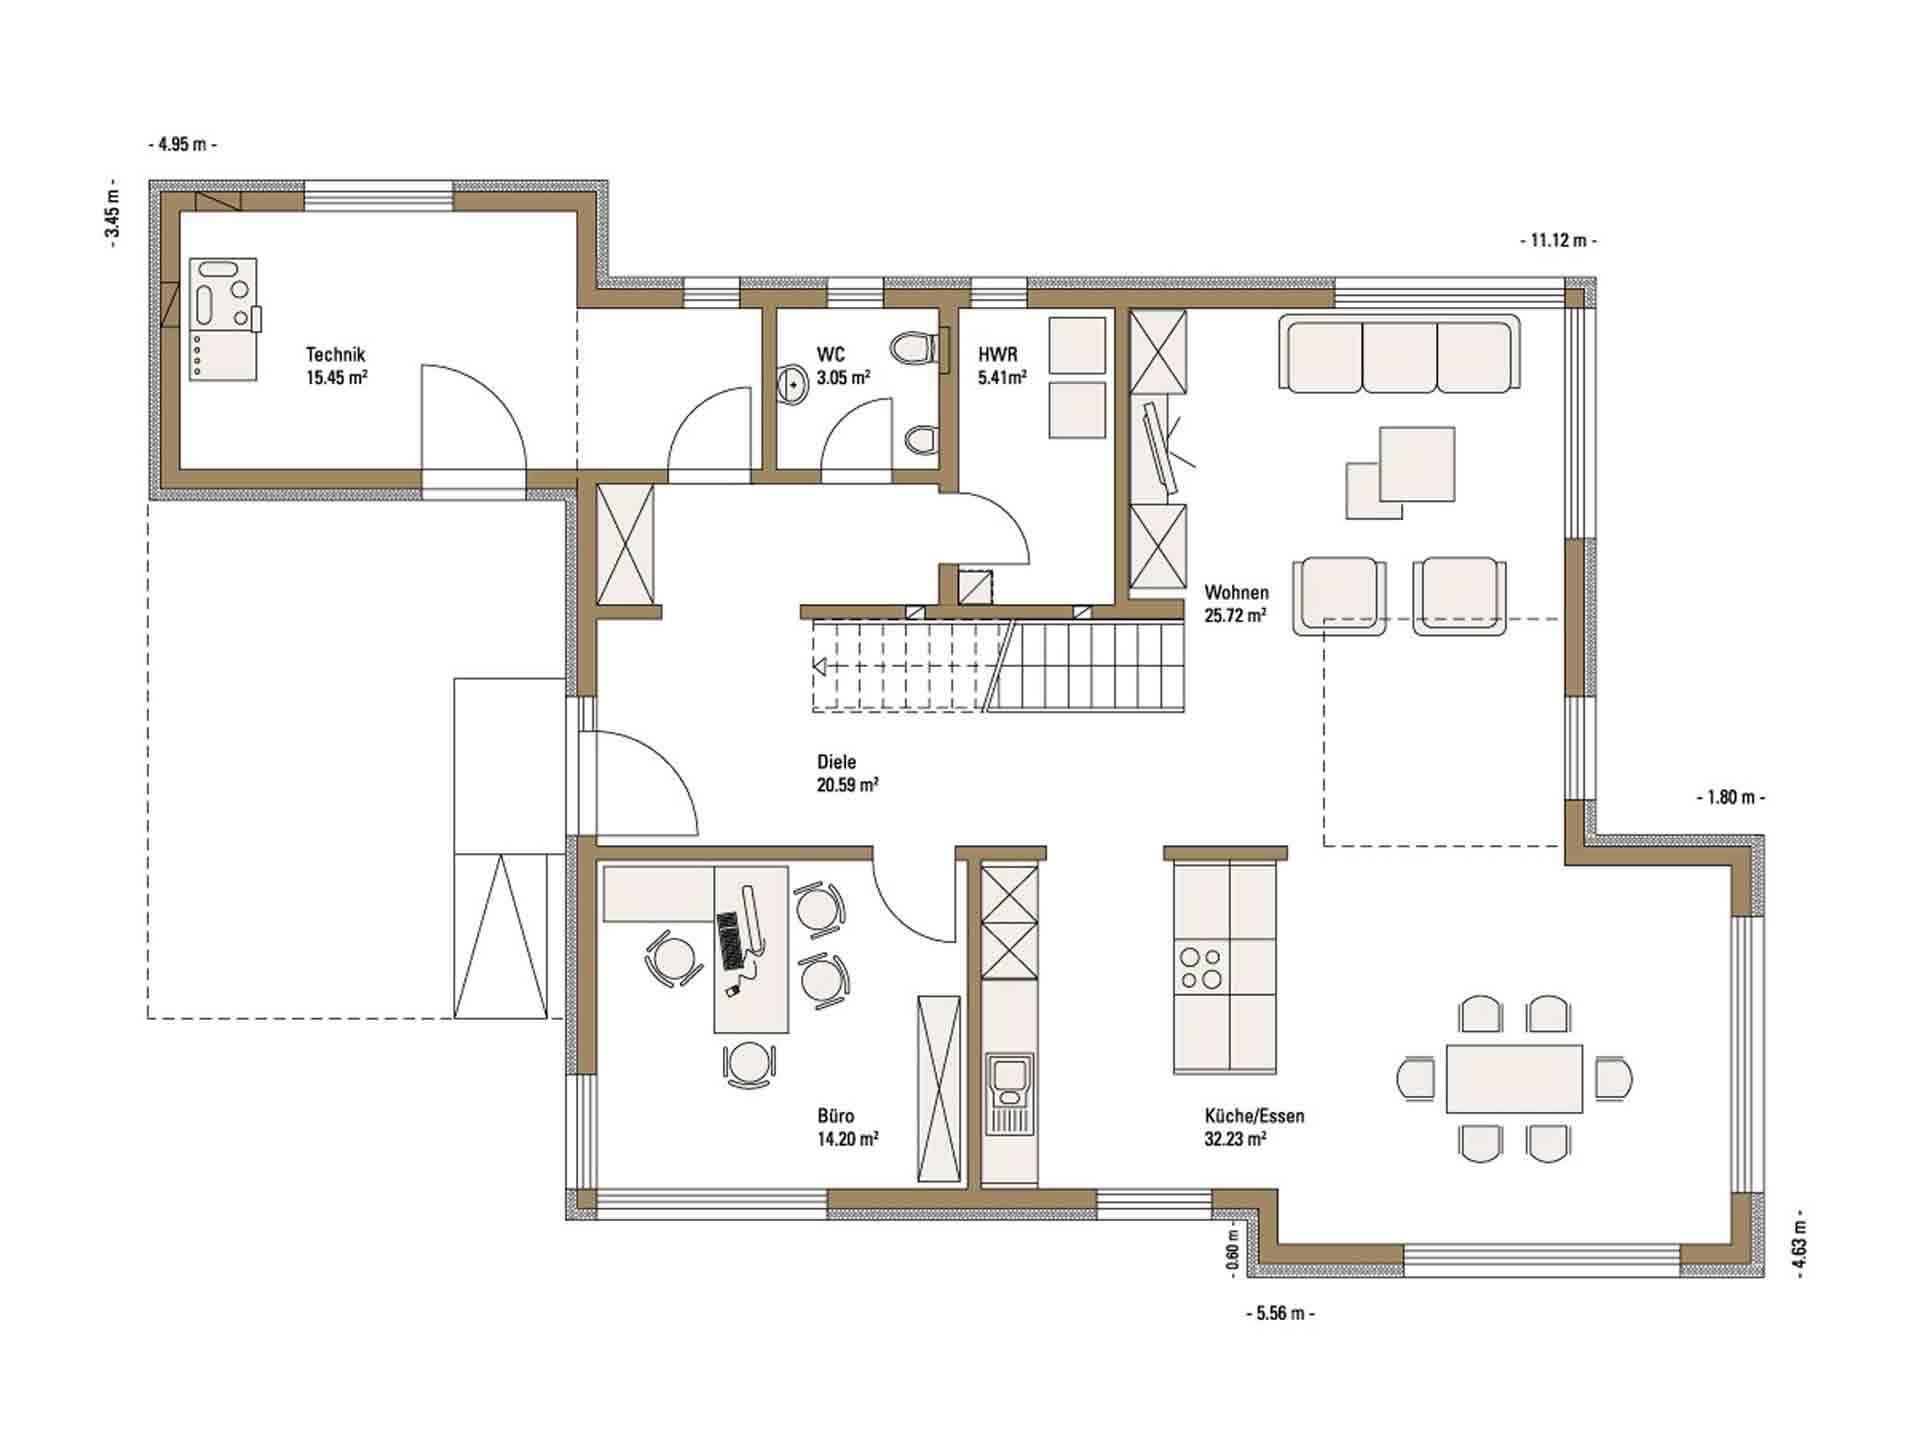 Musterhaus Future - Eine Nahaufnahme von einer Karte - Gebäudeplan